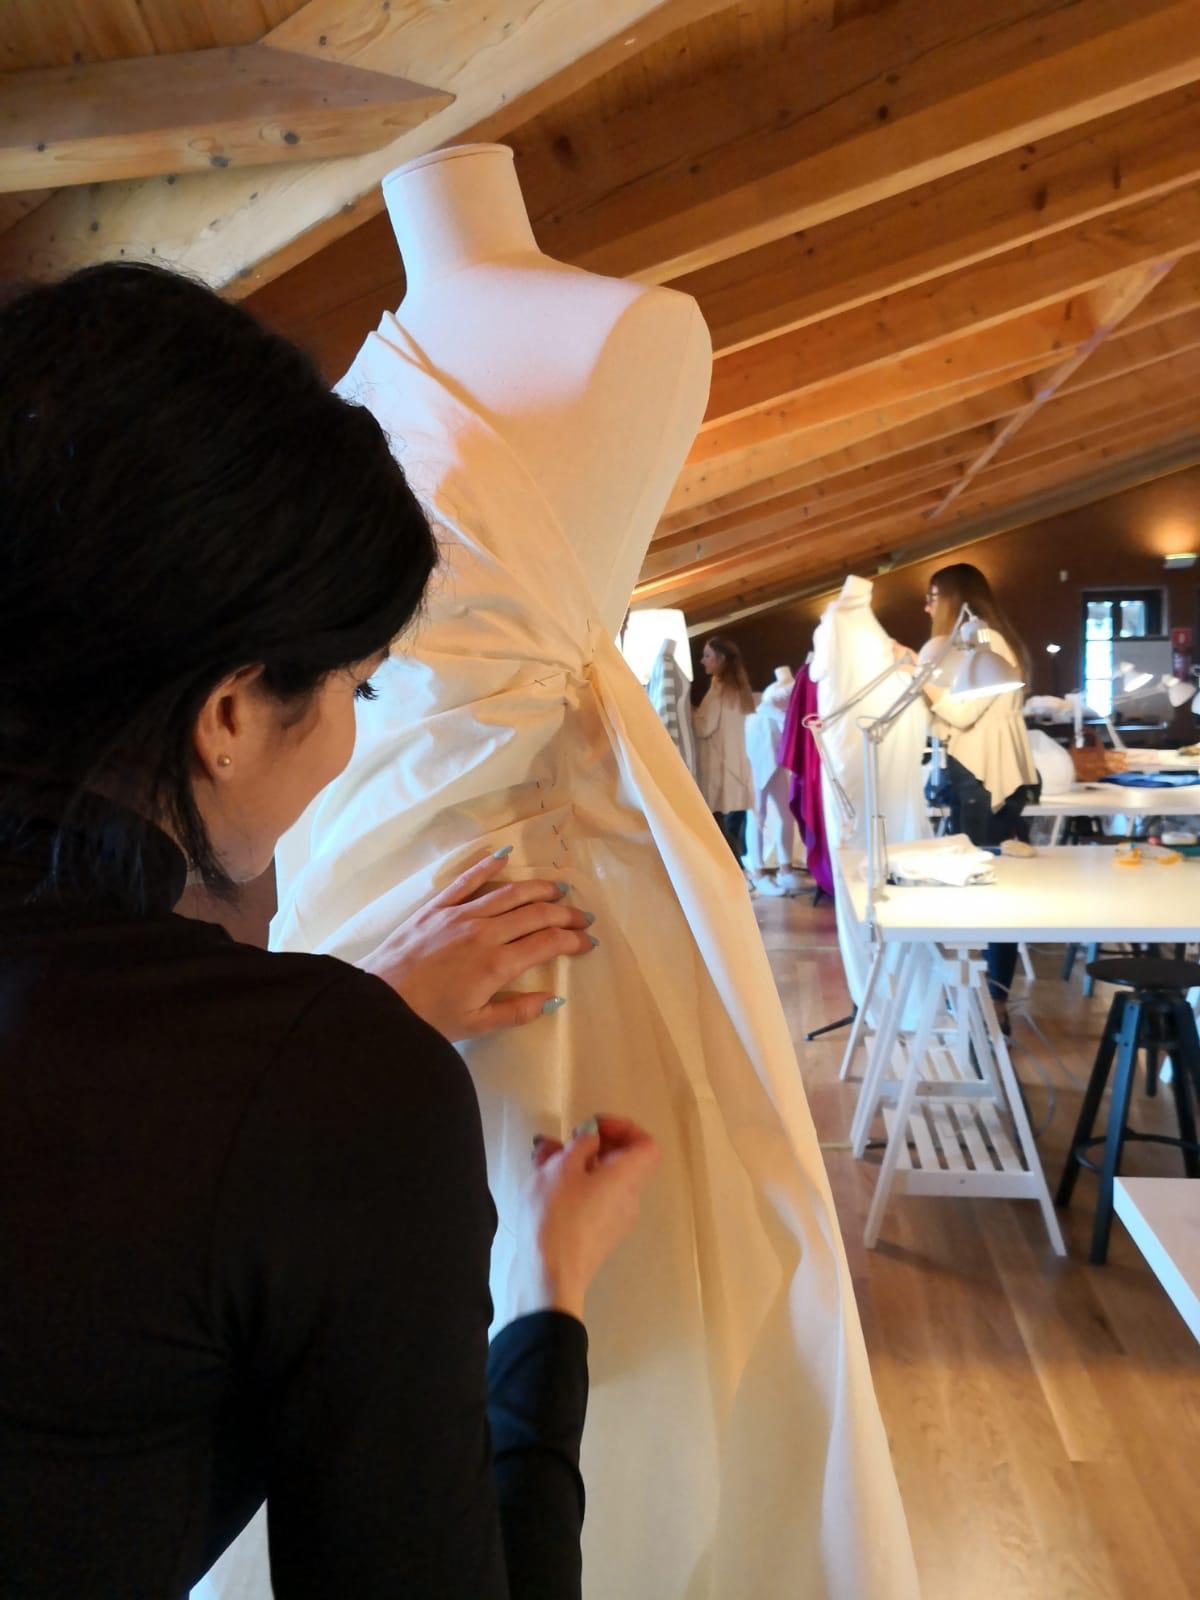 VIAJANDO CON ICMODA: VISITA & WORKSHOP EN EL MUSEO BALENCIAGA